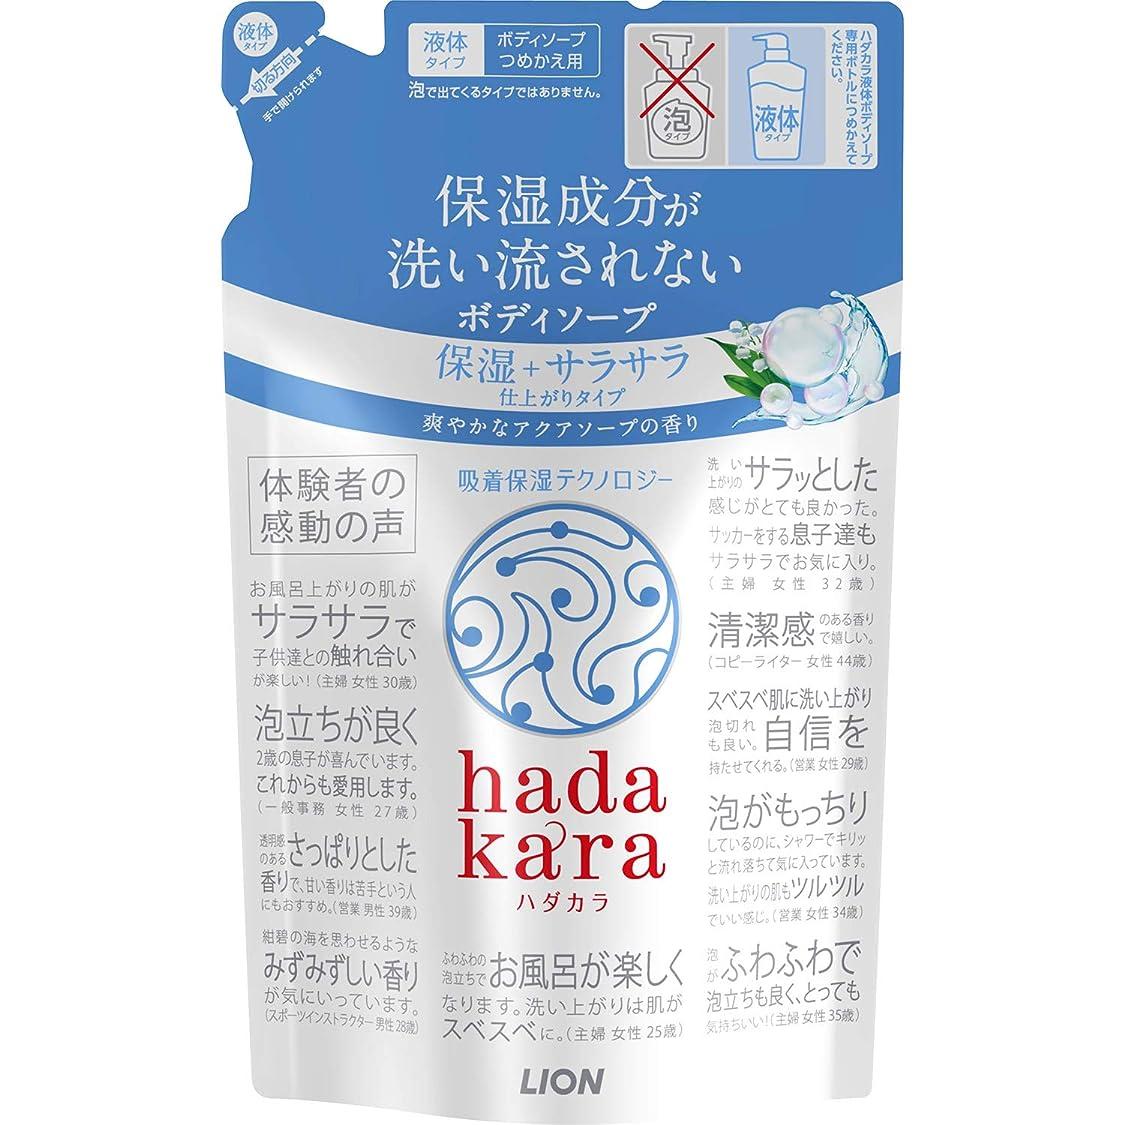 元気側溝ほぼhadakara(ハダカラ) ボディソープ 保湿+サラサラ仕上がりタイプ アクアソープの香り 詰め替え 340ml